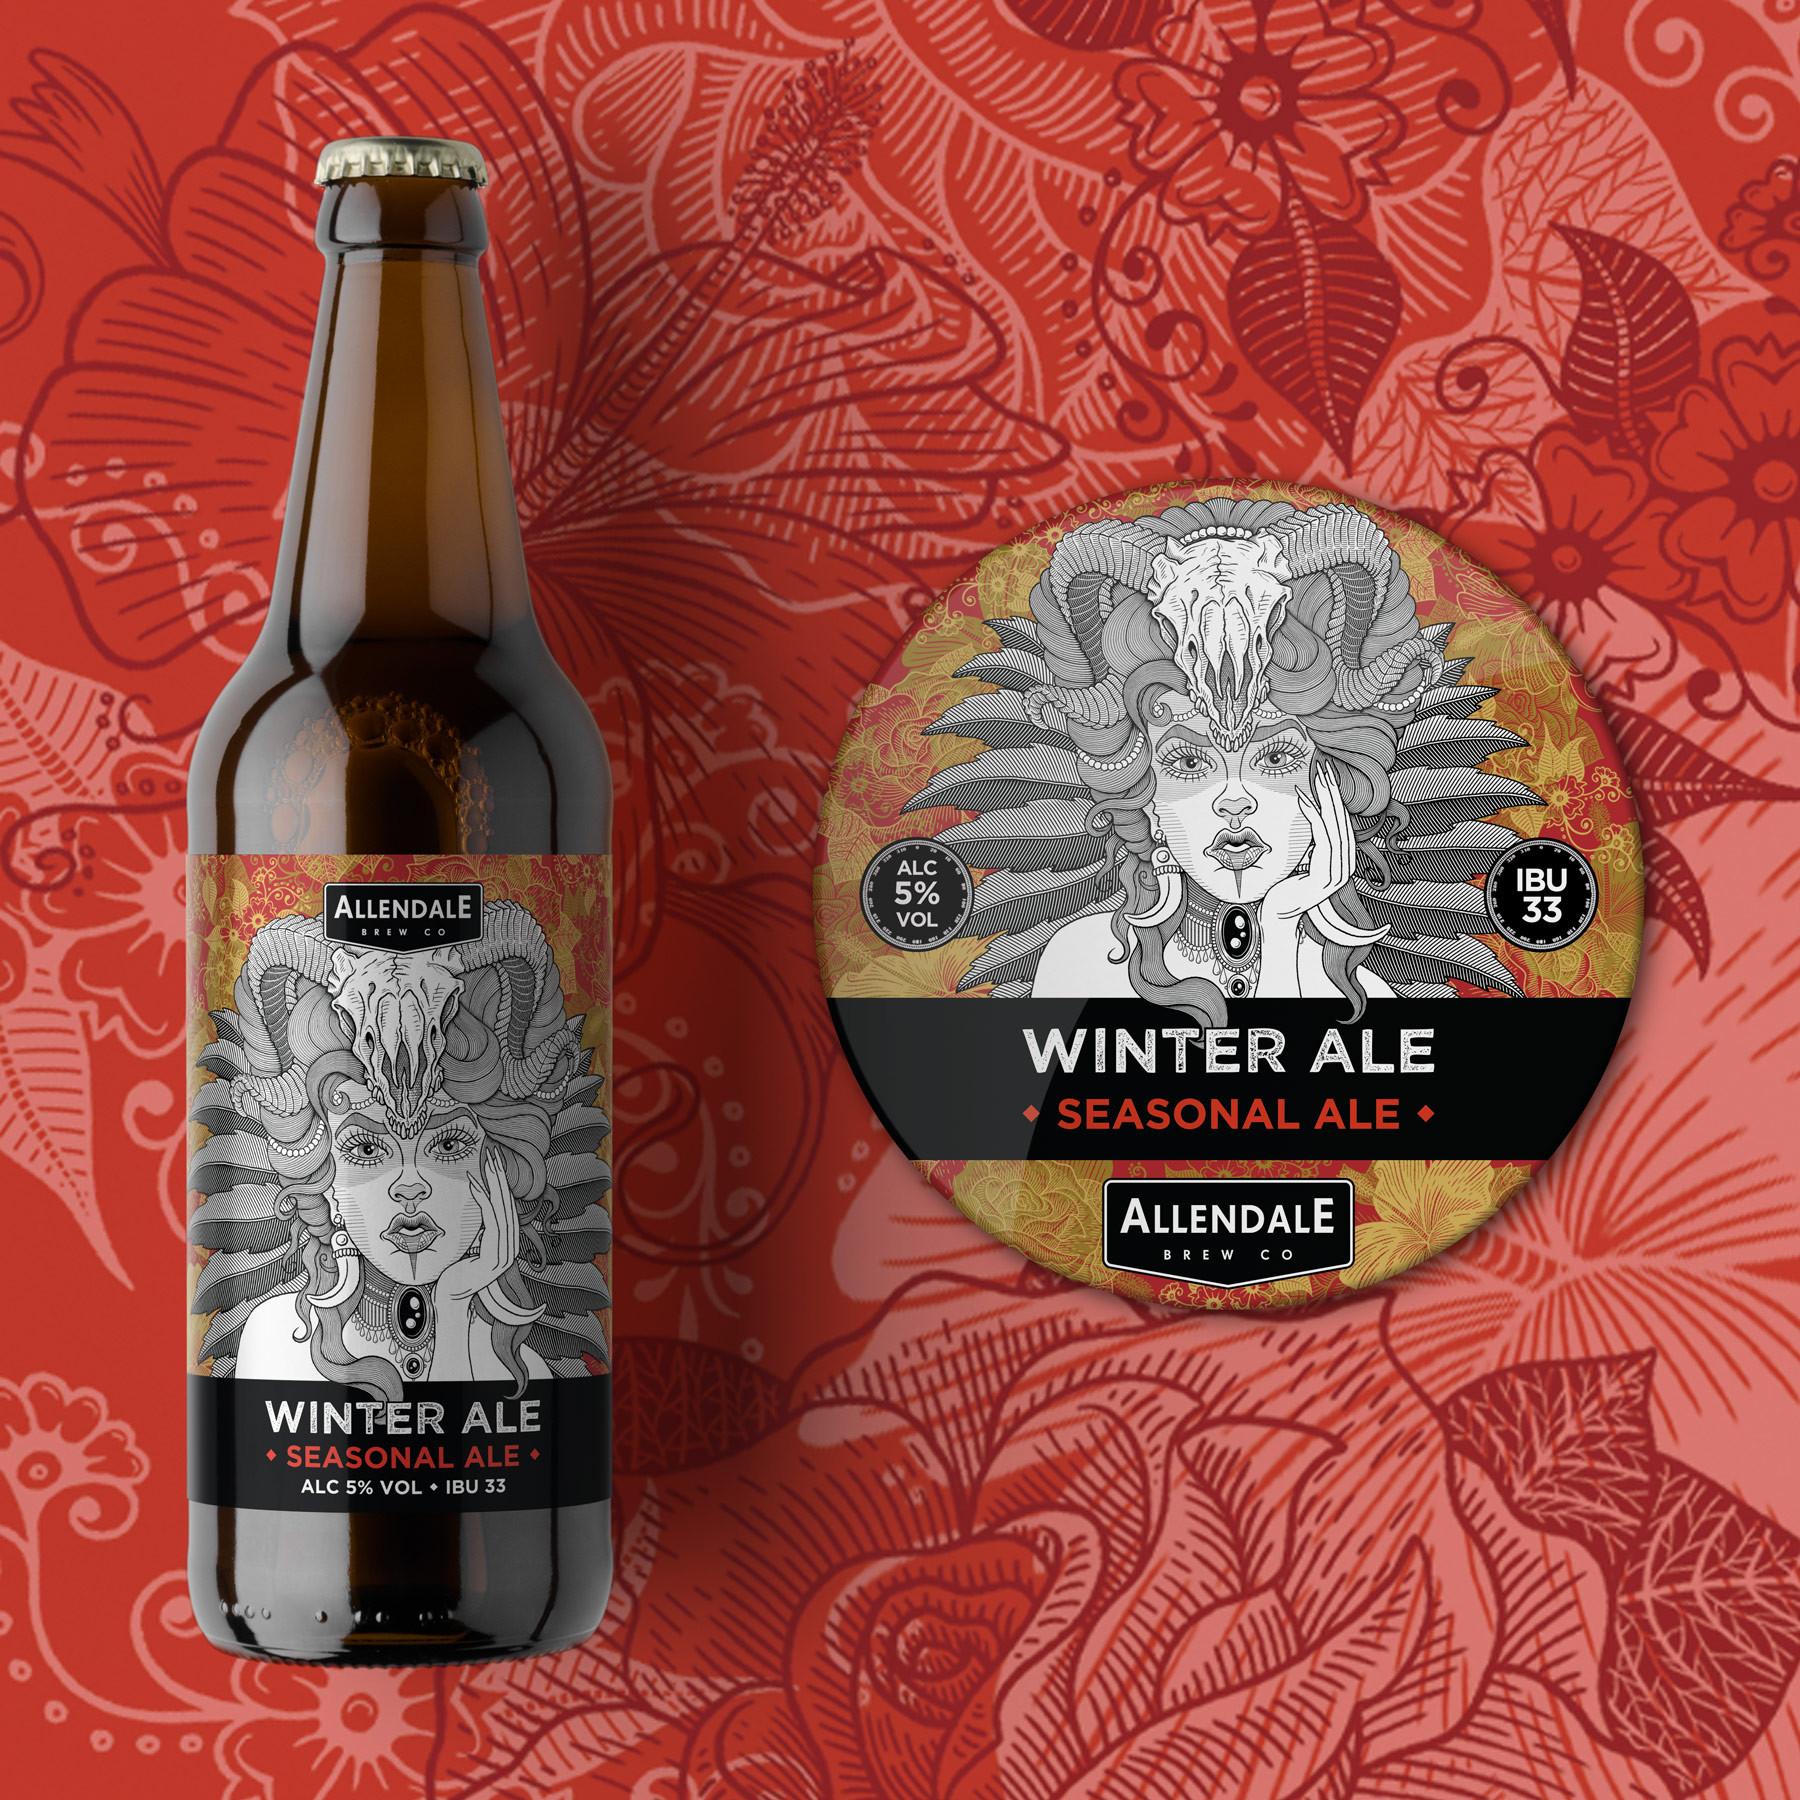 allendale-winter-ale-beer-label-design-m